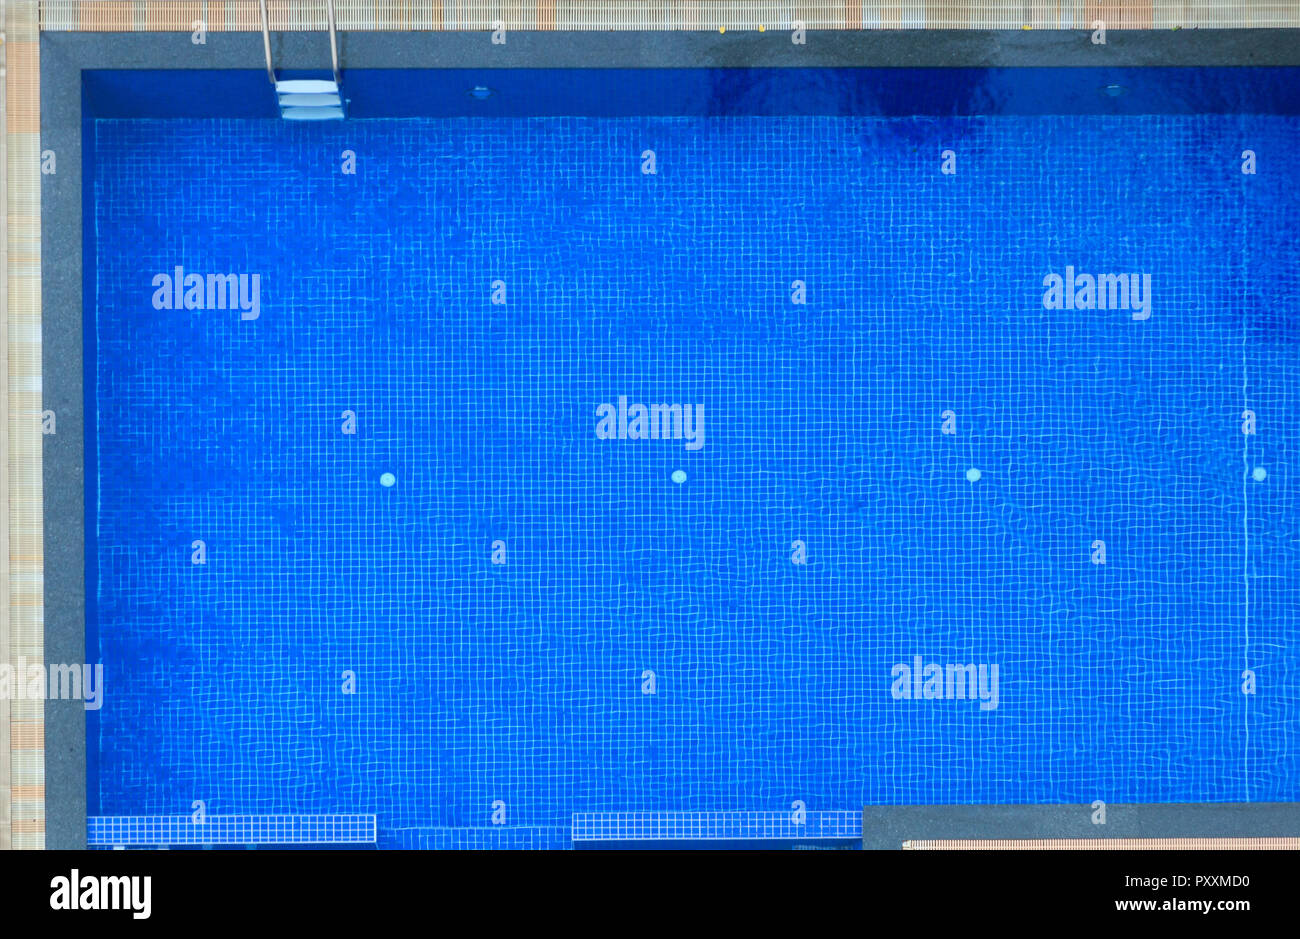 Vista superior del hotel piscina de azulejos azules de fondo. Deporte al aire libre, la recreación, el ejercicio, la actividad de la familia, el ocio, la relajación, la planta arquitecto Imagen De Stock